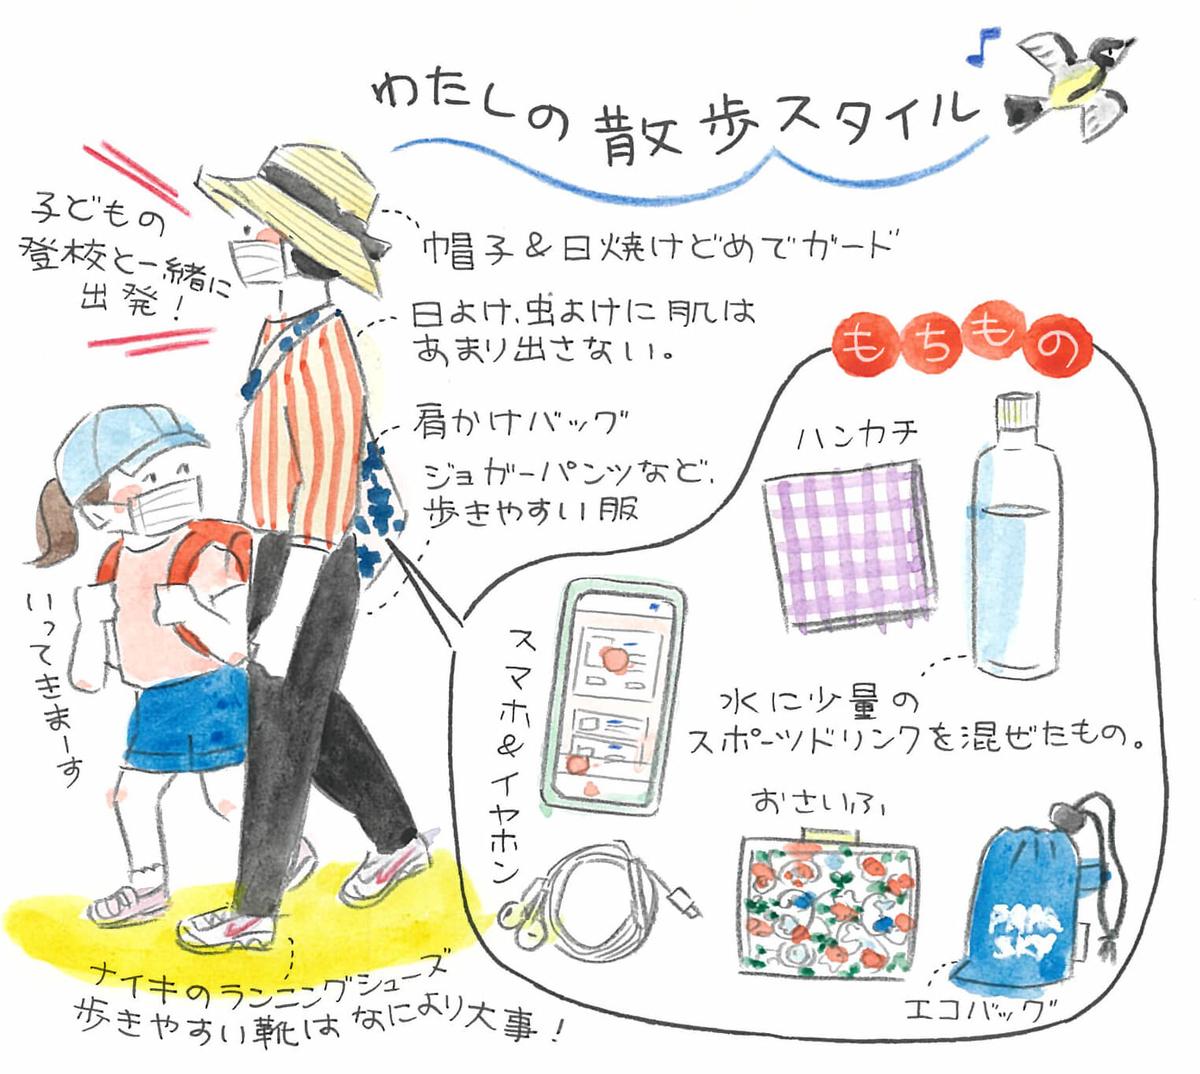 杉浦さんの散歩スタイル。持ち歩くものはハンカチ、水に少量のスポーツドリンクを混ぜたもの、財布、エコバッグ。日焼け防止のために帽子は必須